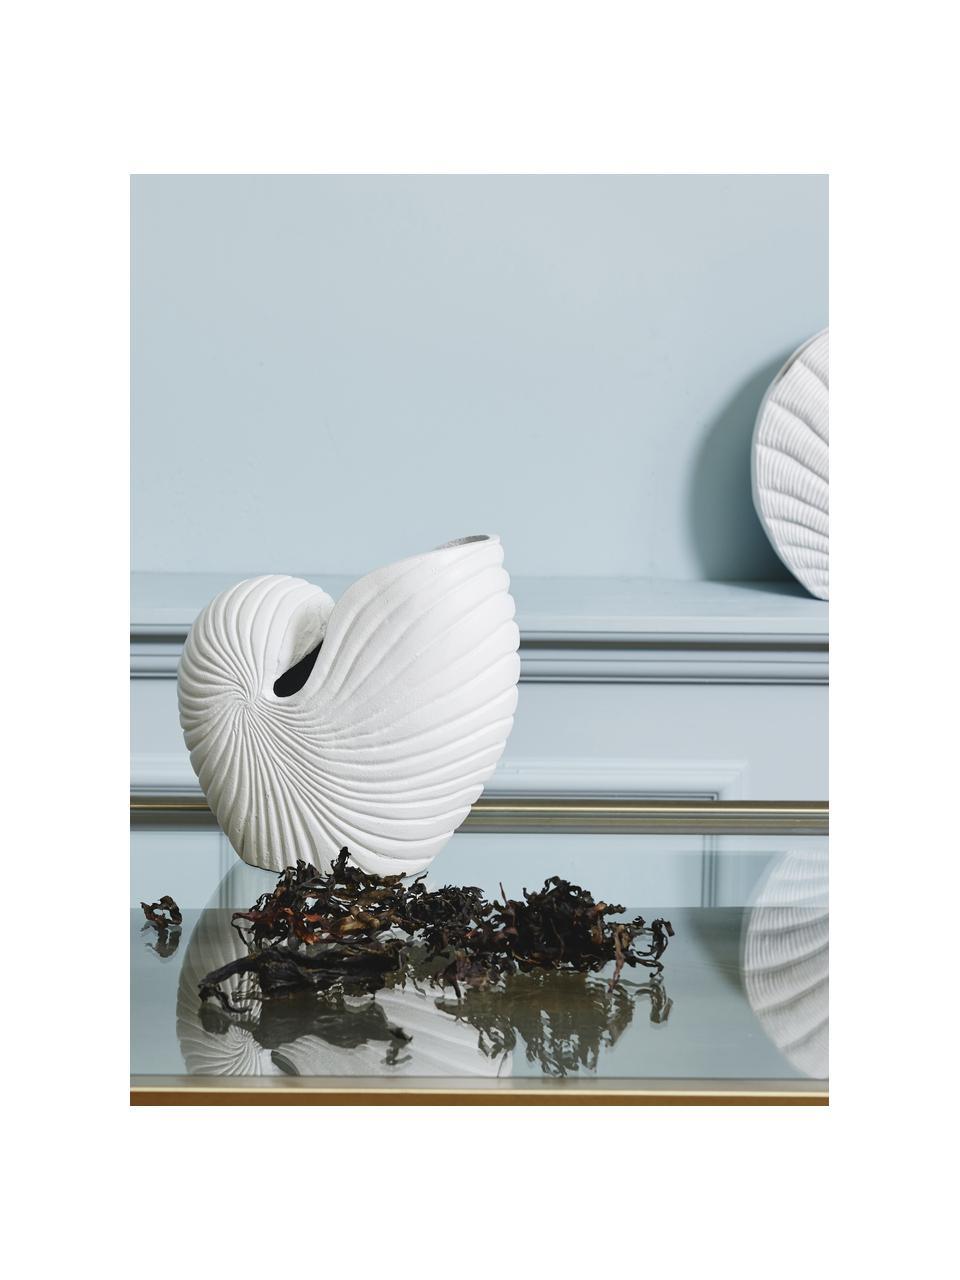 Großer Übertopf Rakitu aus Metall, Aluminium, beschichtet, Weiß, 27 x 25 cm